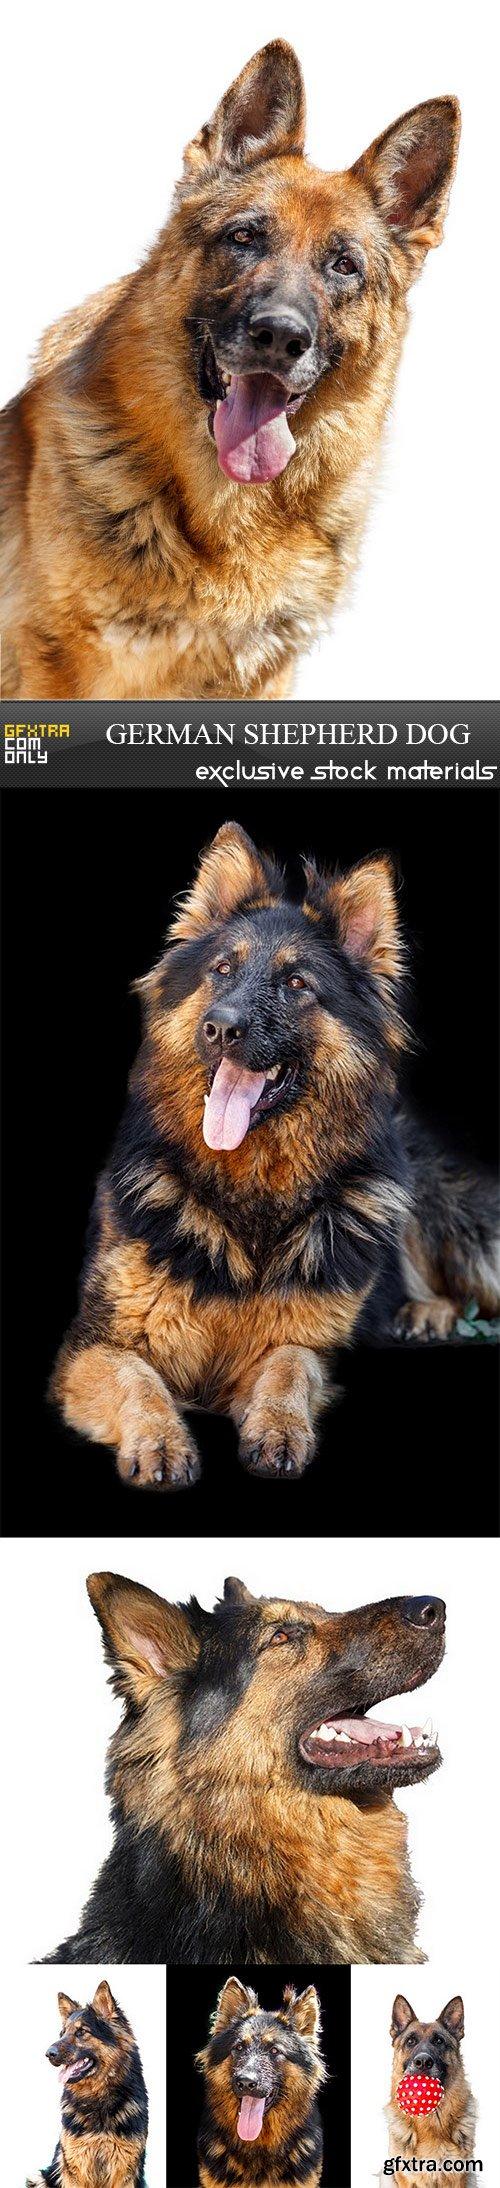 German Shepherd Dog - 6 UHQ JPEG